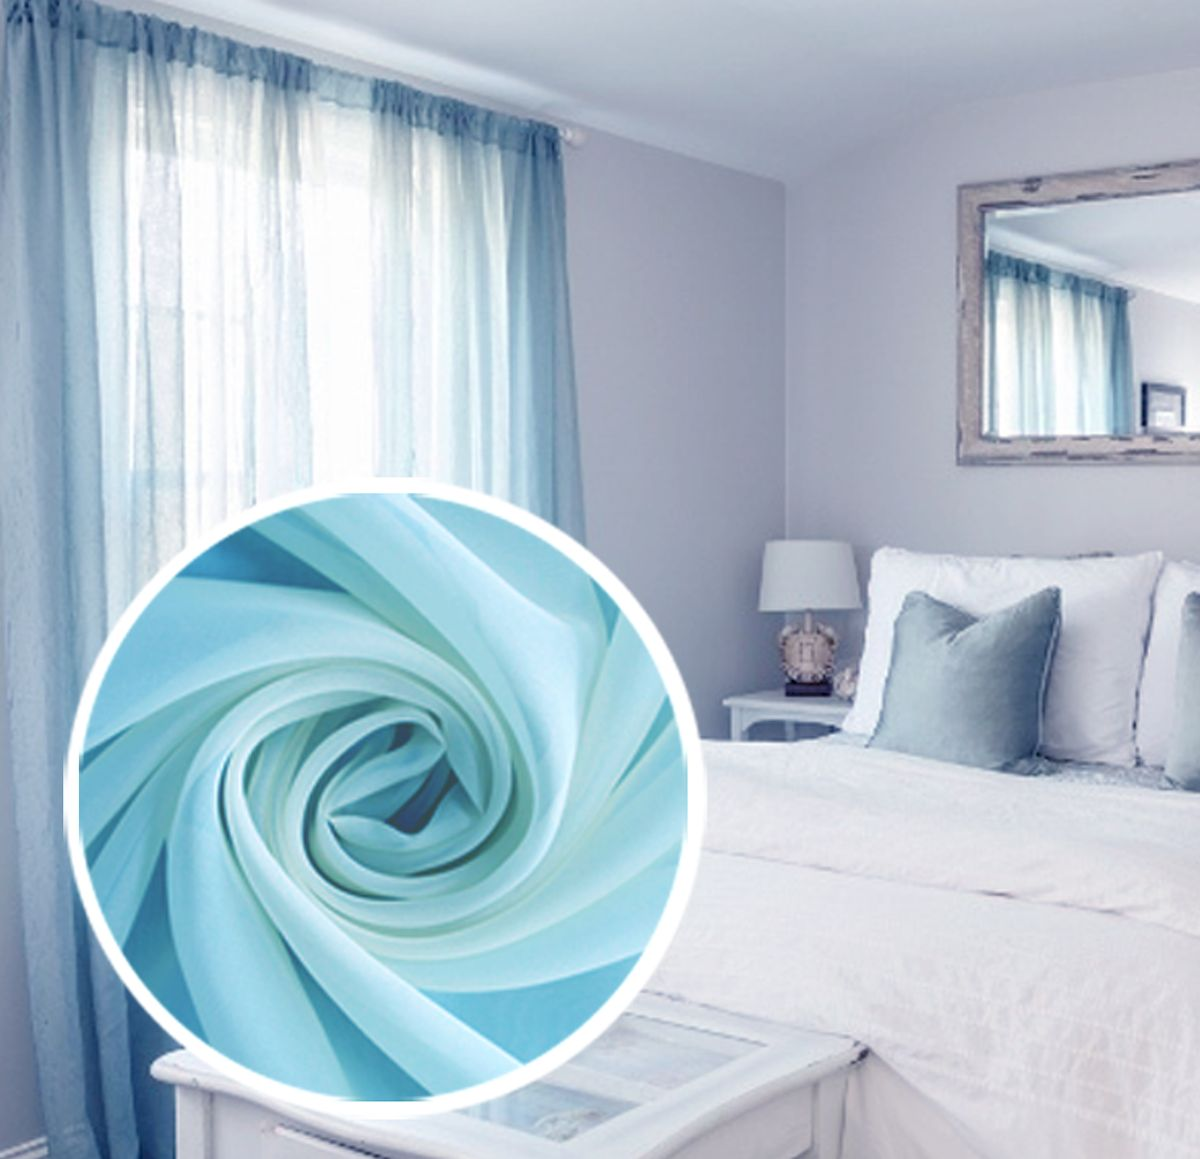 Тюль Amore Mio Однотонный, на ленте, цвет: голубой, высота 270 см77539Тюль Amore Mio нежного цвета в классическом однотонном исполнении изготовлен из 100% полиэстера. Воздушная ткань привлечет к себе внимание и идеально оформит интерьер любого помещения. Полиэстер - вид ткани, состоящий из полиэфирных волокон. Ткани из полиэстера легкие, прочные и износостойкие. Такие изделия не требуют специального ухода, не пылятся и почти не мнутся.Крепление к карнизу осуществляется при помощи вшитой шторной ленты.